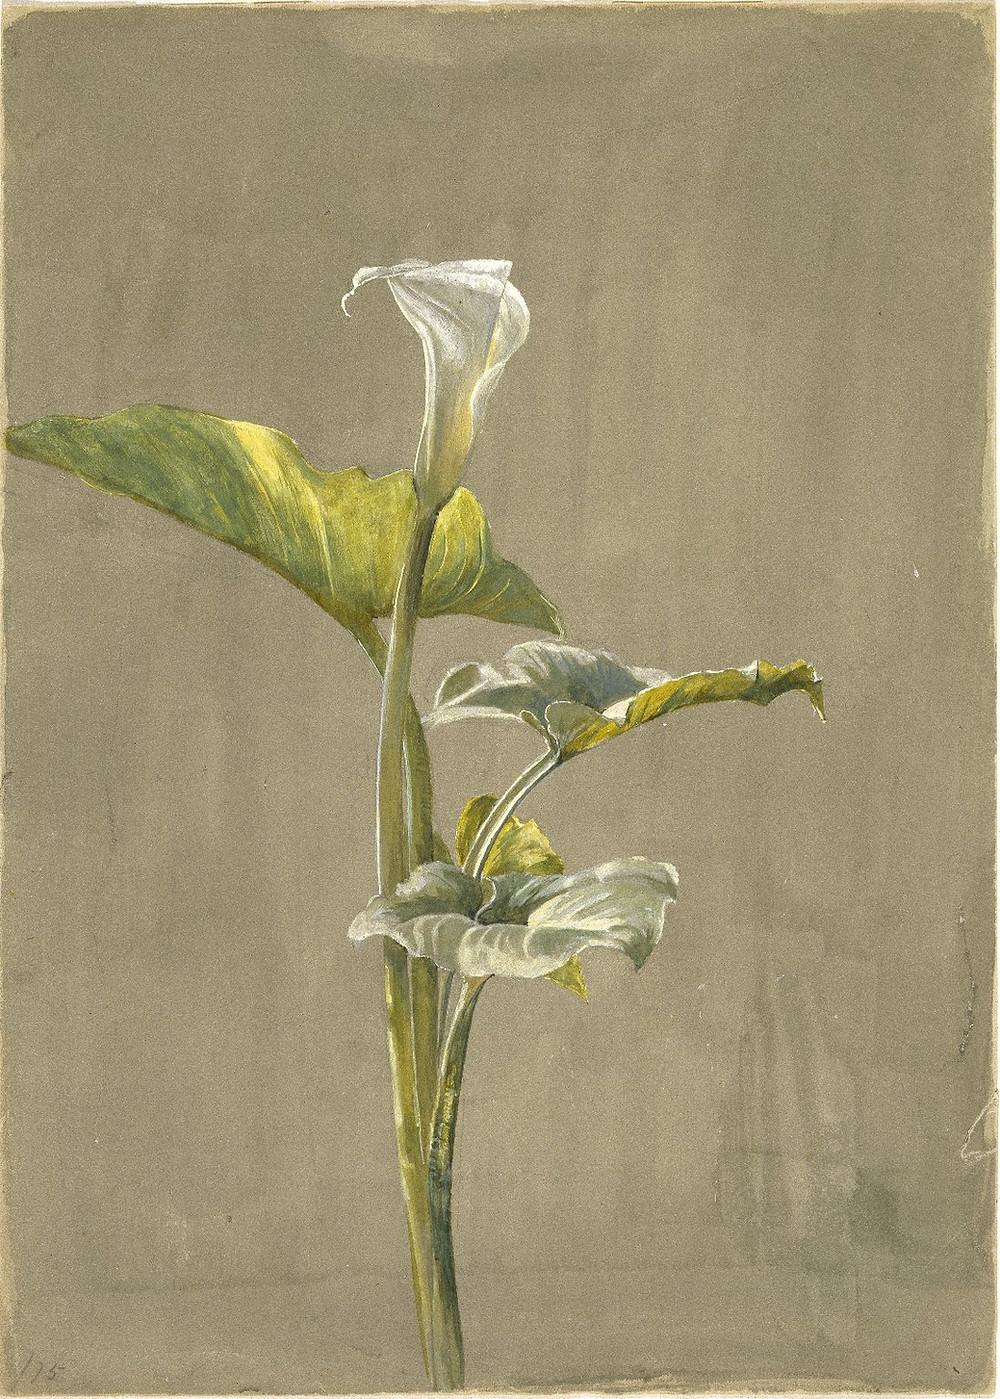 Calla Lily (1875) by Fidelia Bridges (1834 - 1923)